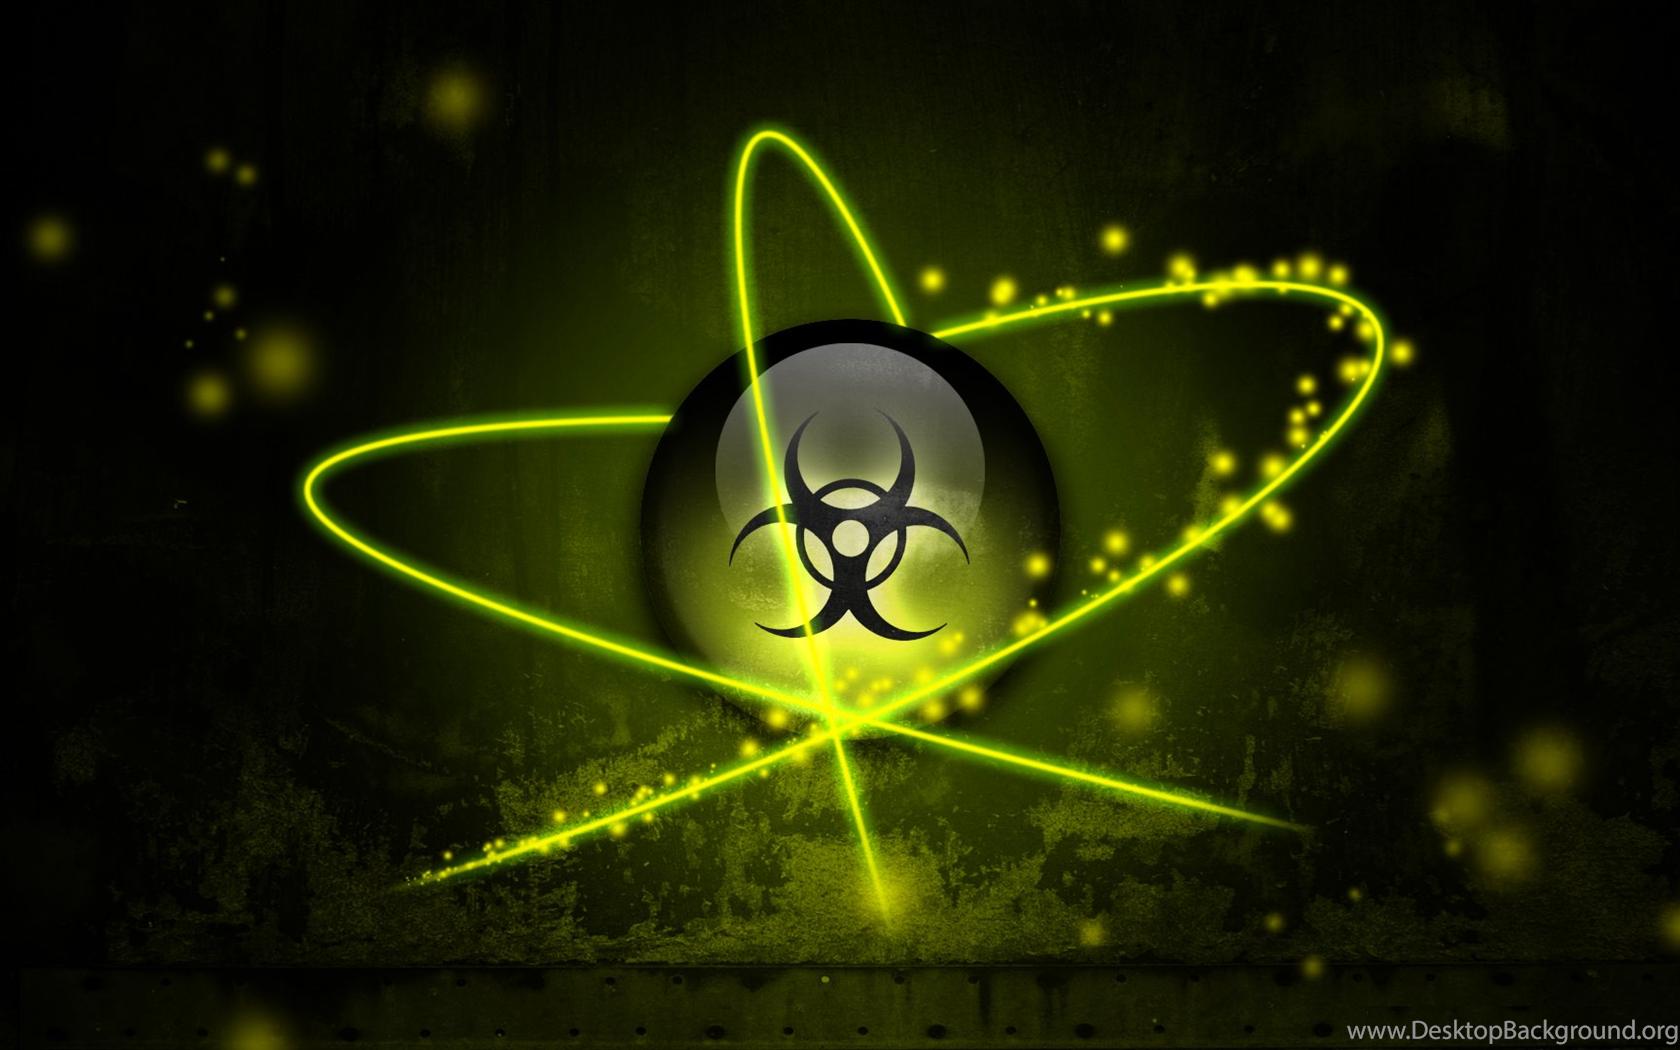 download biohazard wallpapers hd picture desktop background